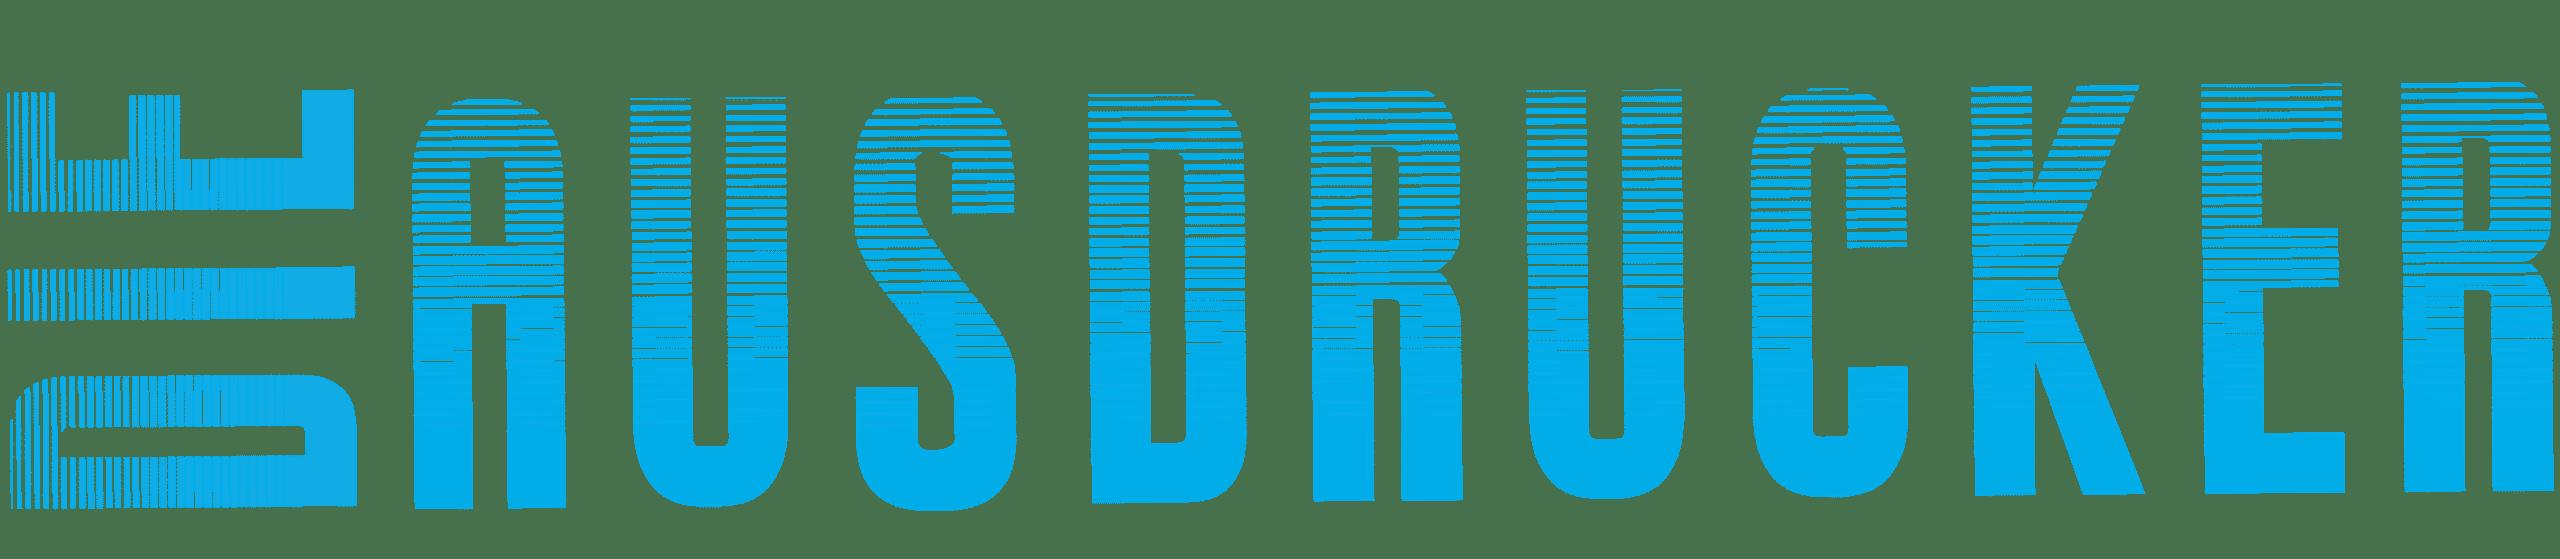 Die Ausdrucker – Die Druckerei München 's Giesing mit Tradition